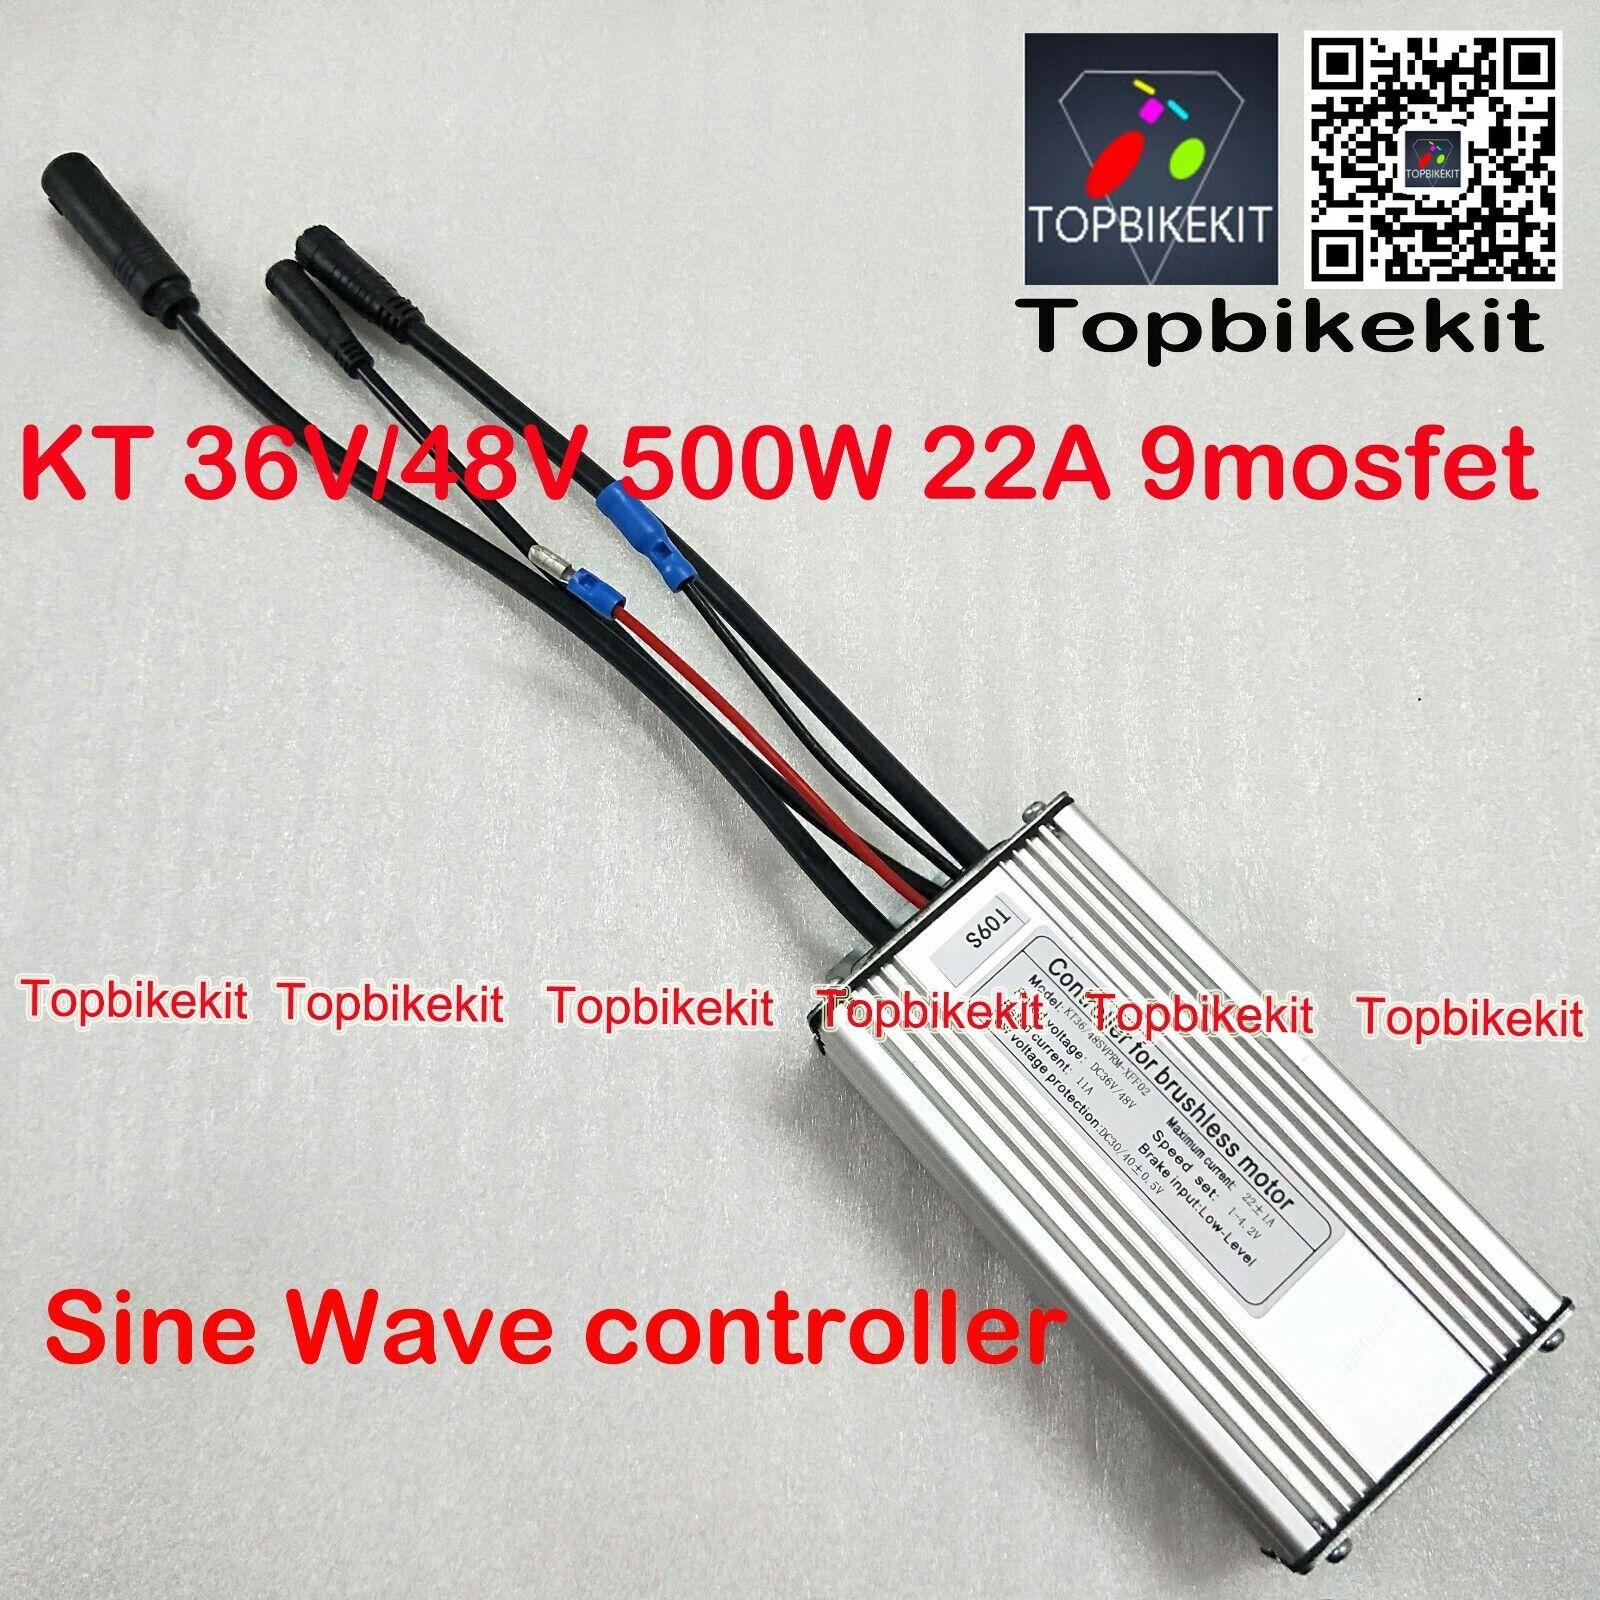 KT controlador 36V 500W  48V 500W Sine Wave controlador julei Impermeable 9 Mosfet  servicio considerado